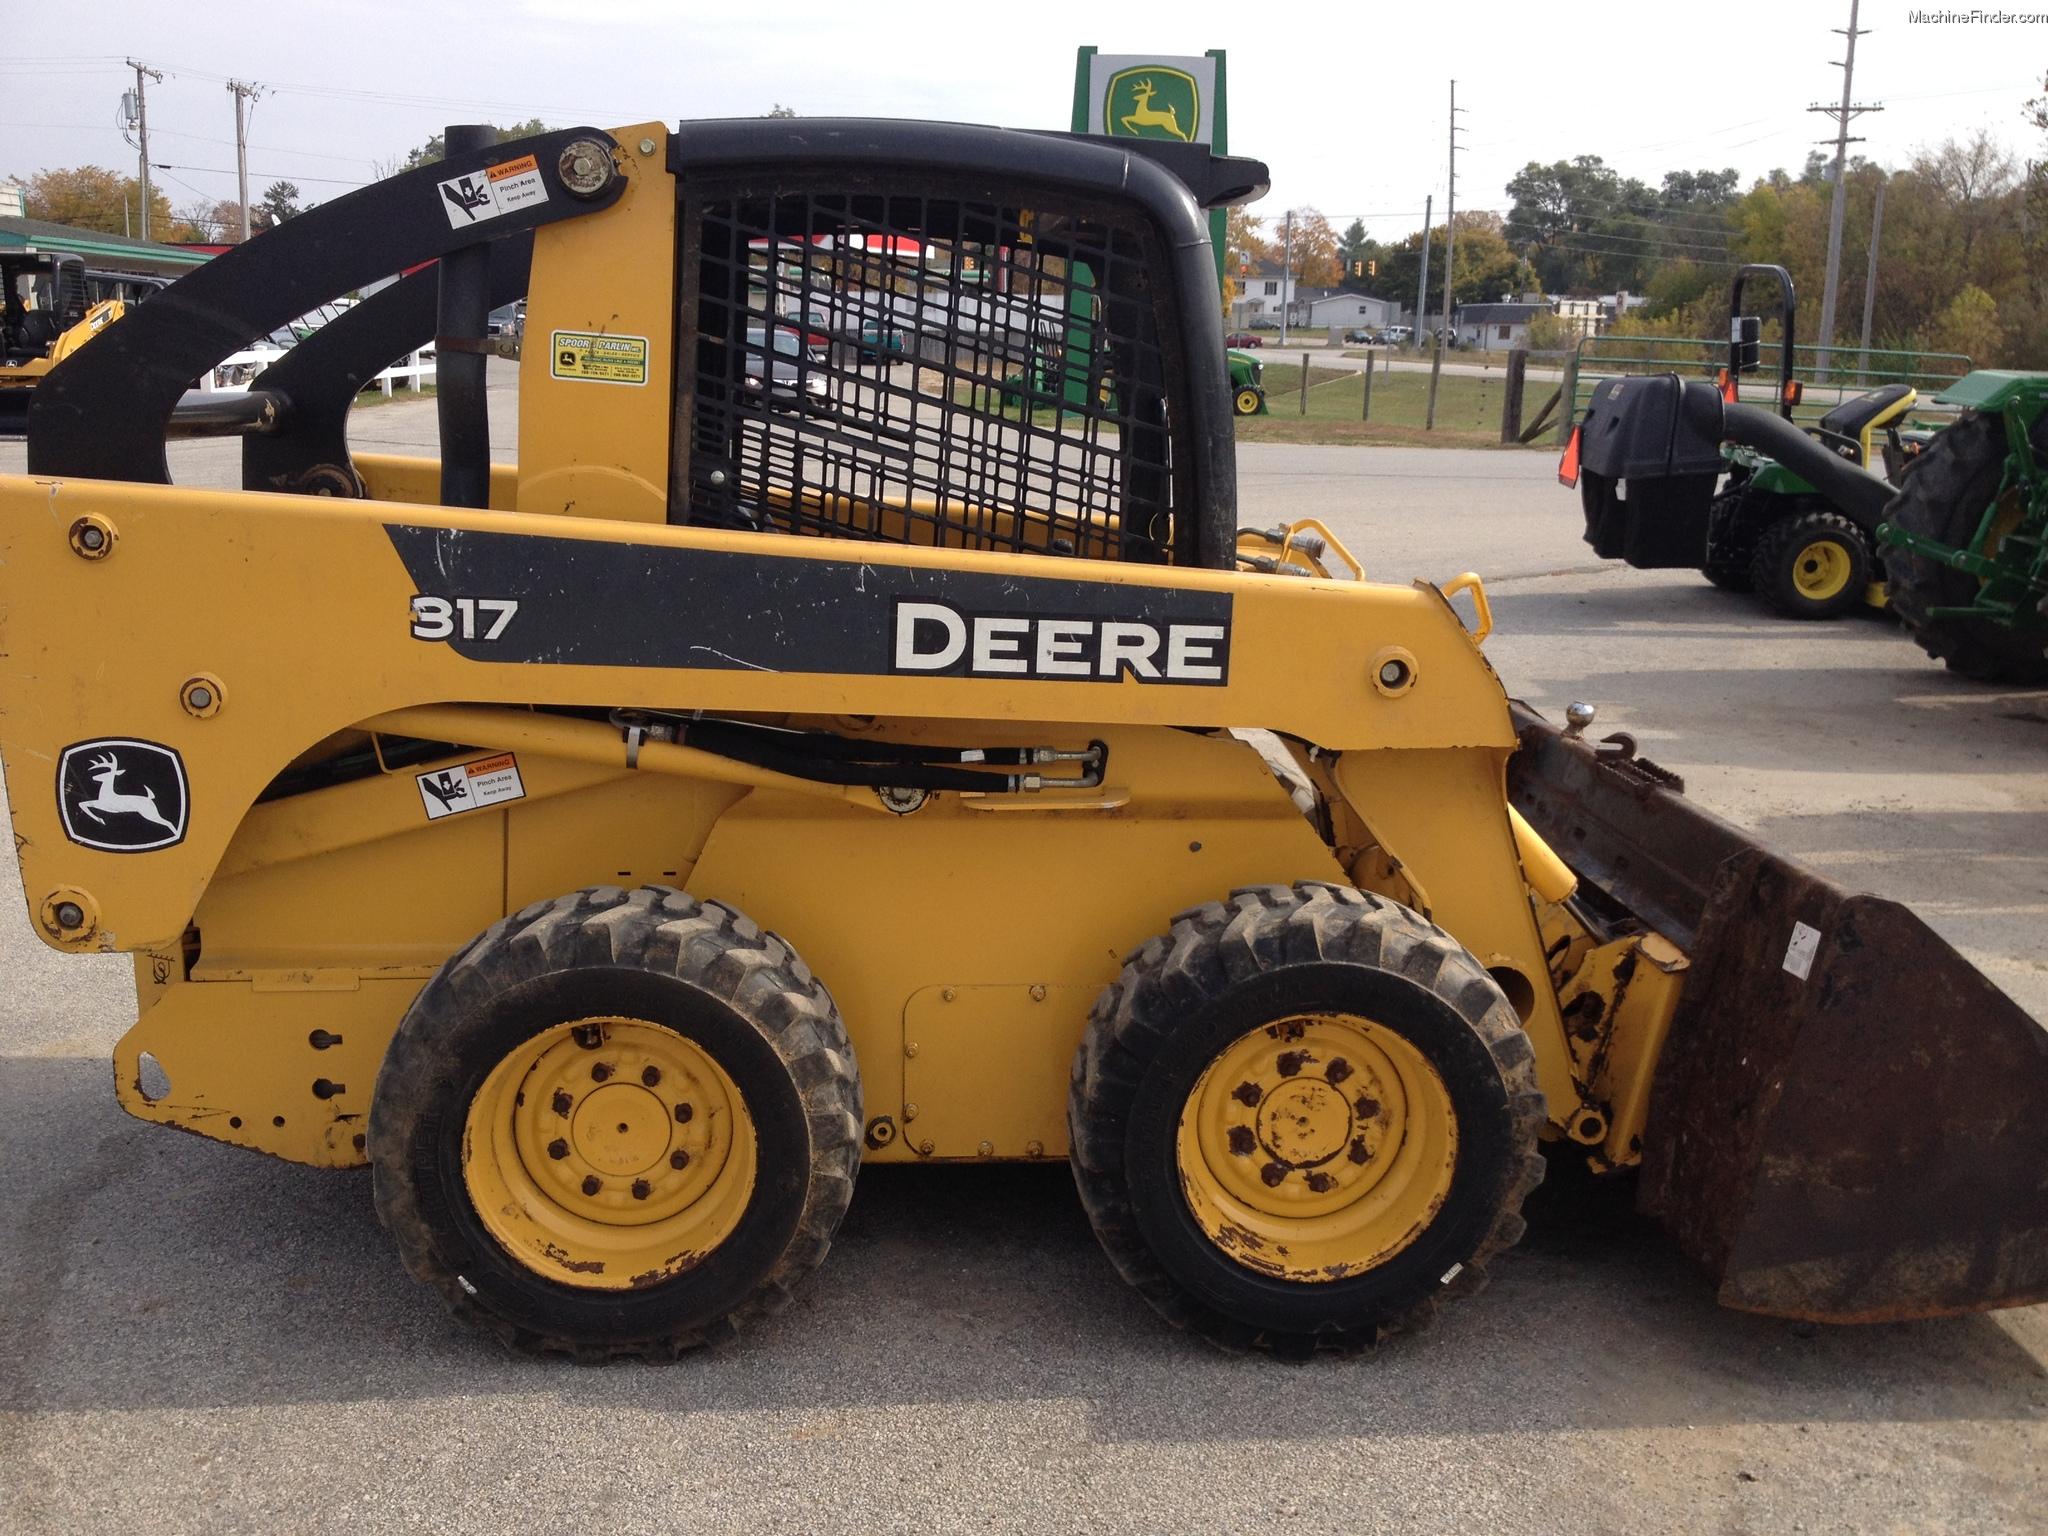 2007 John Deere 317 Skid Steer Loaders - John Deere ...